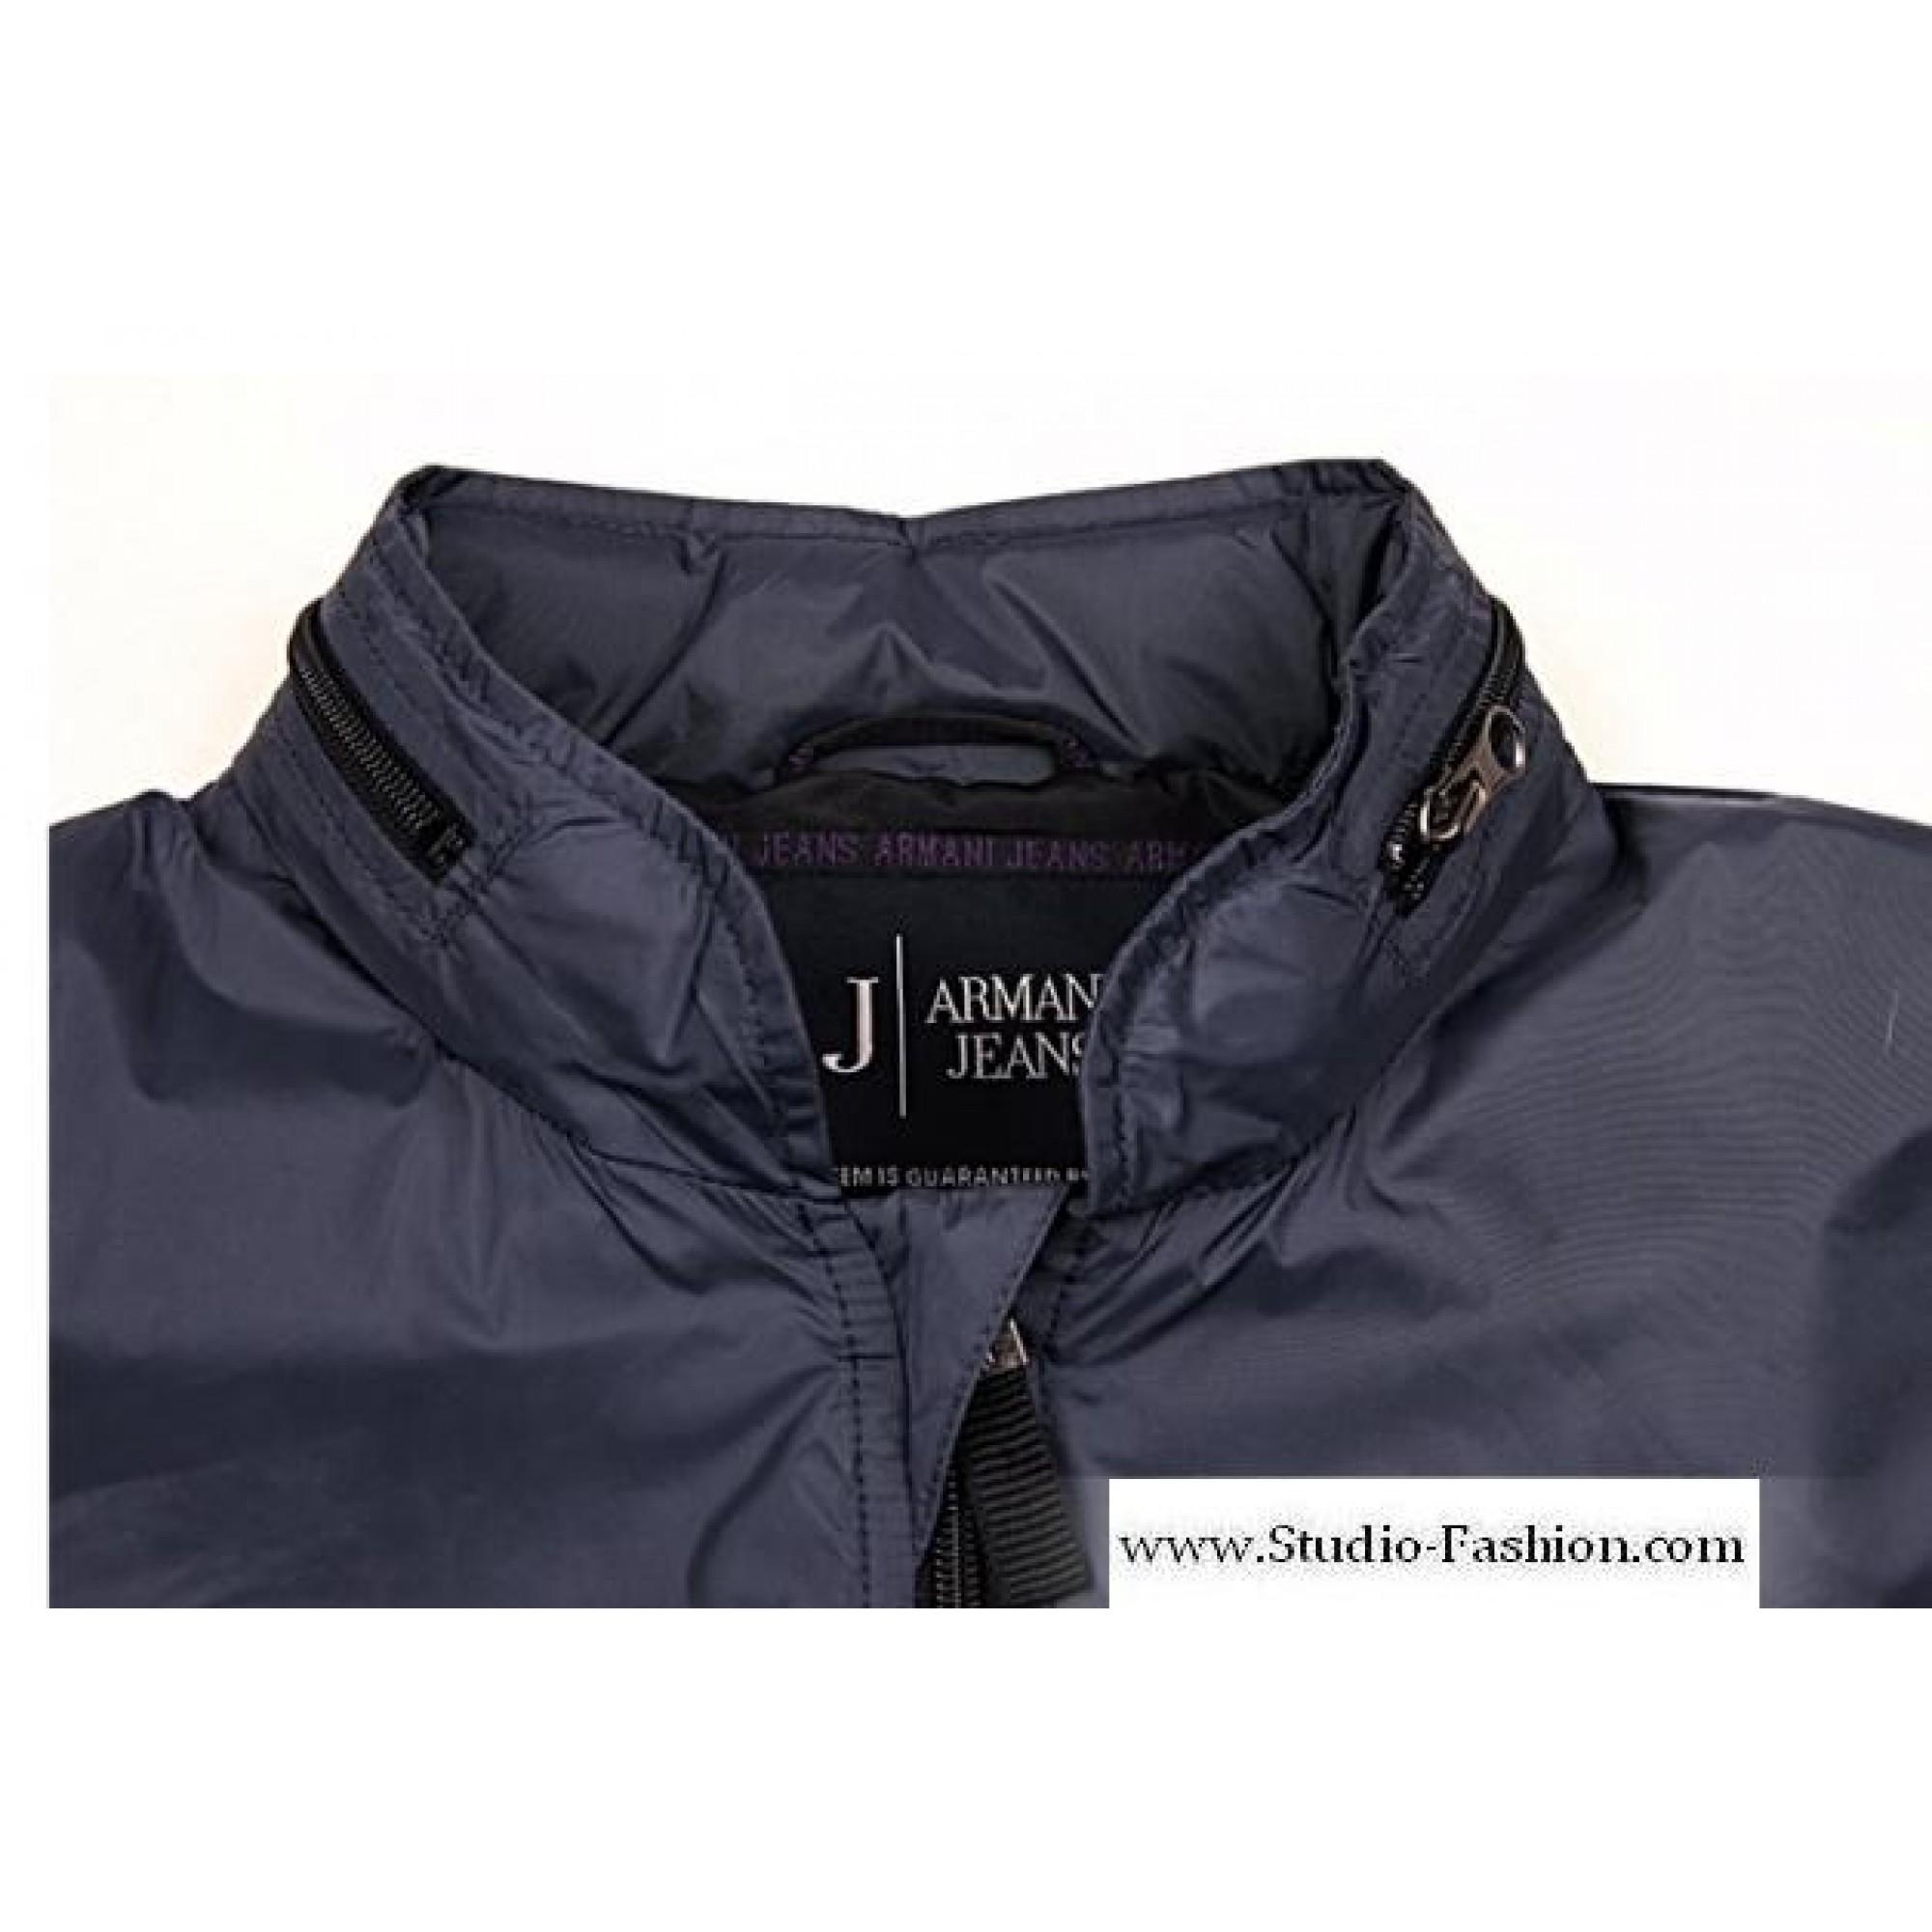 Купить синяя мужская ветровка armani — в Киеве, код товара 3240 26436313b72